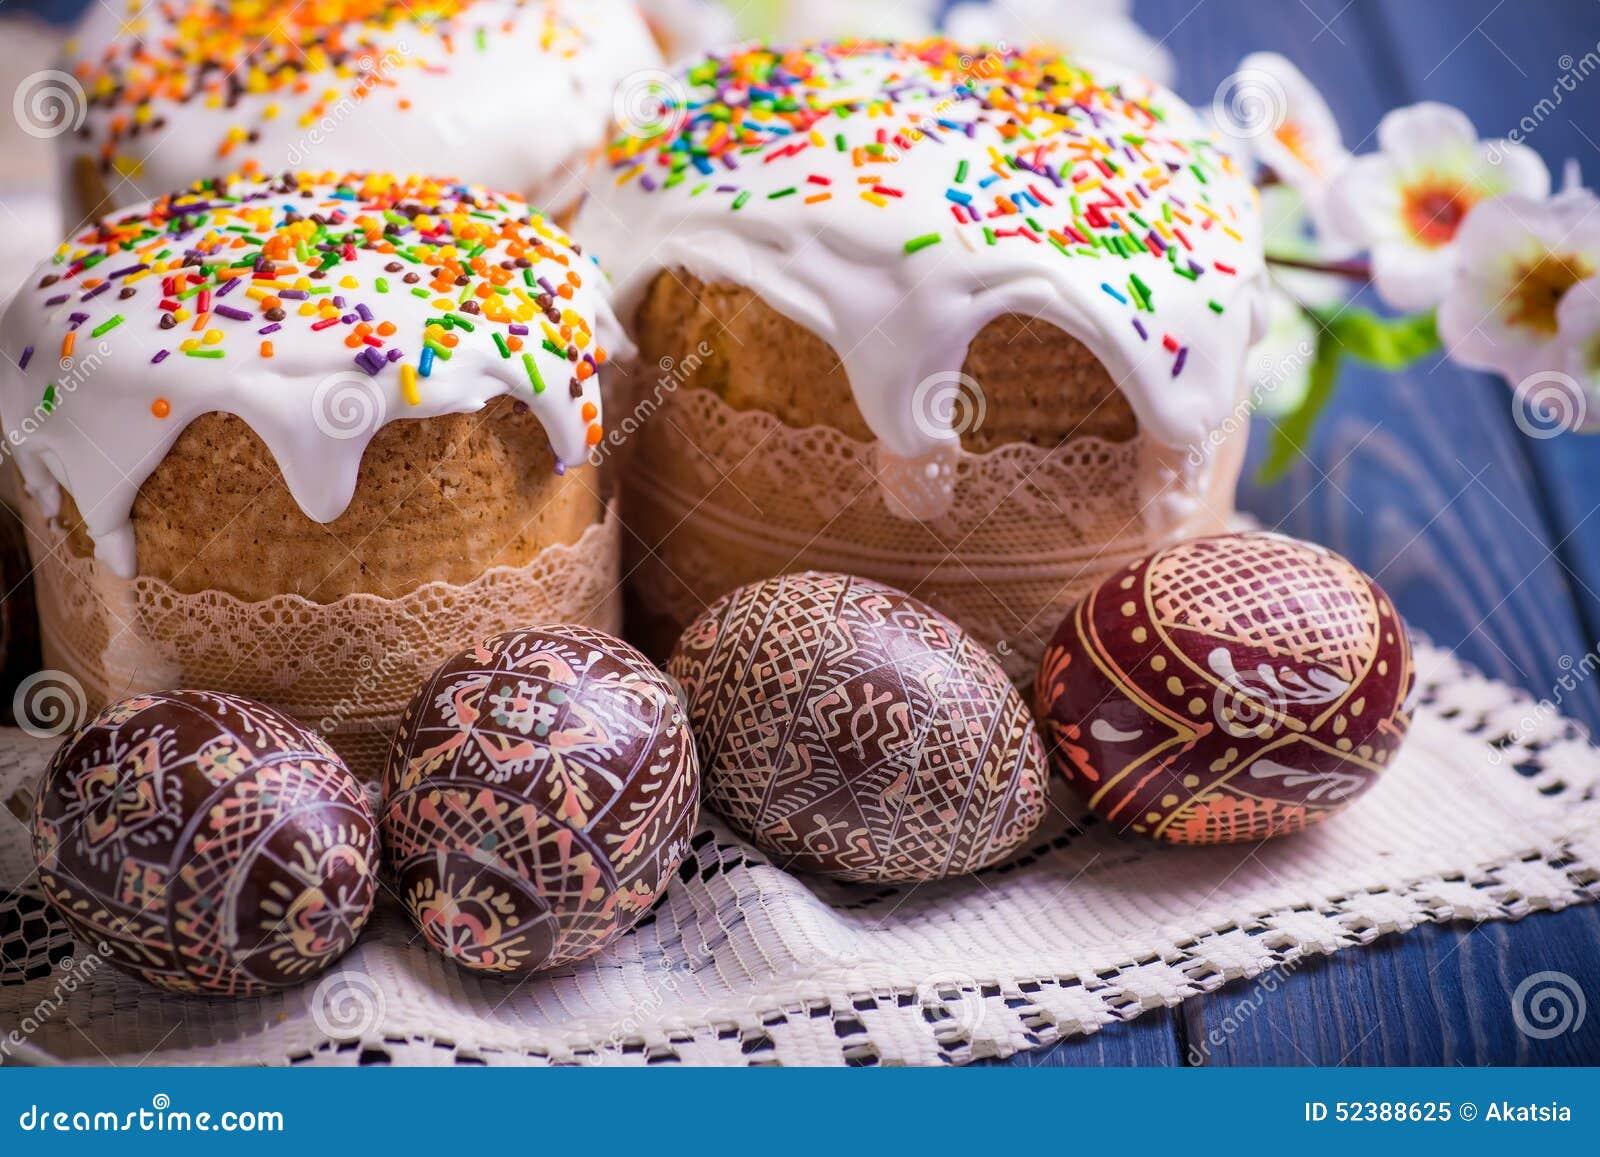 Ukrainian Easter Cake